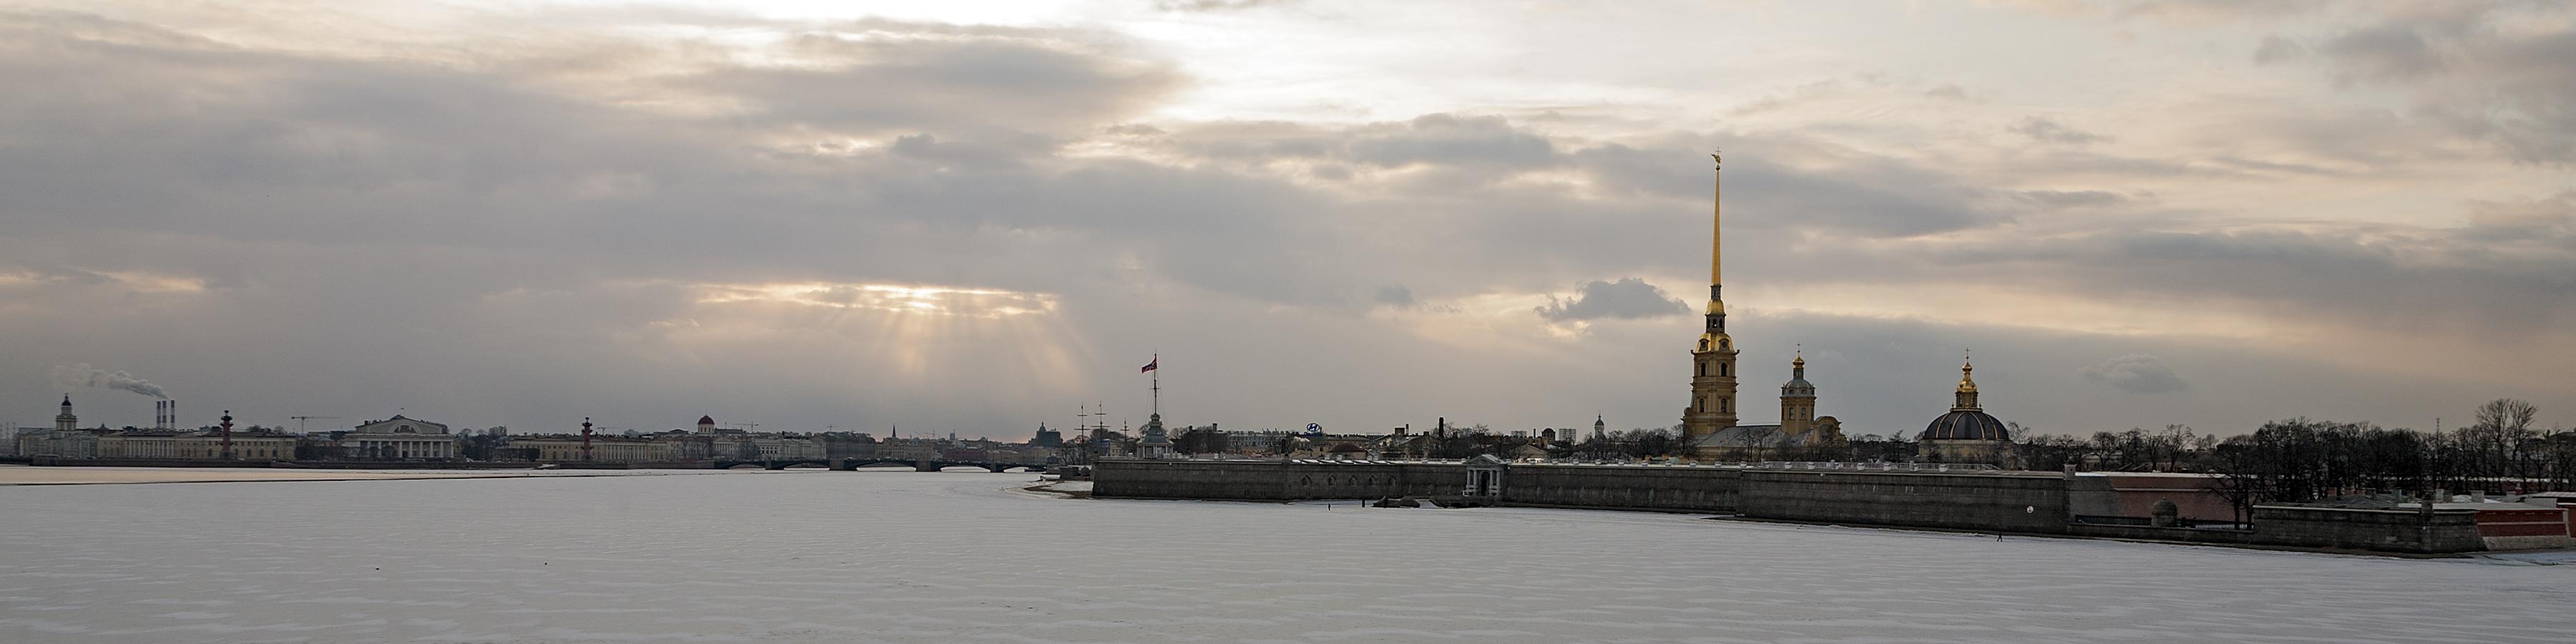 Peter-und-Paul-Festung in Sankt Petersburg